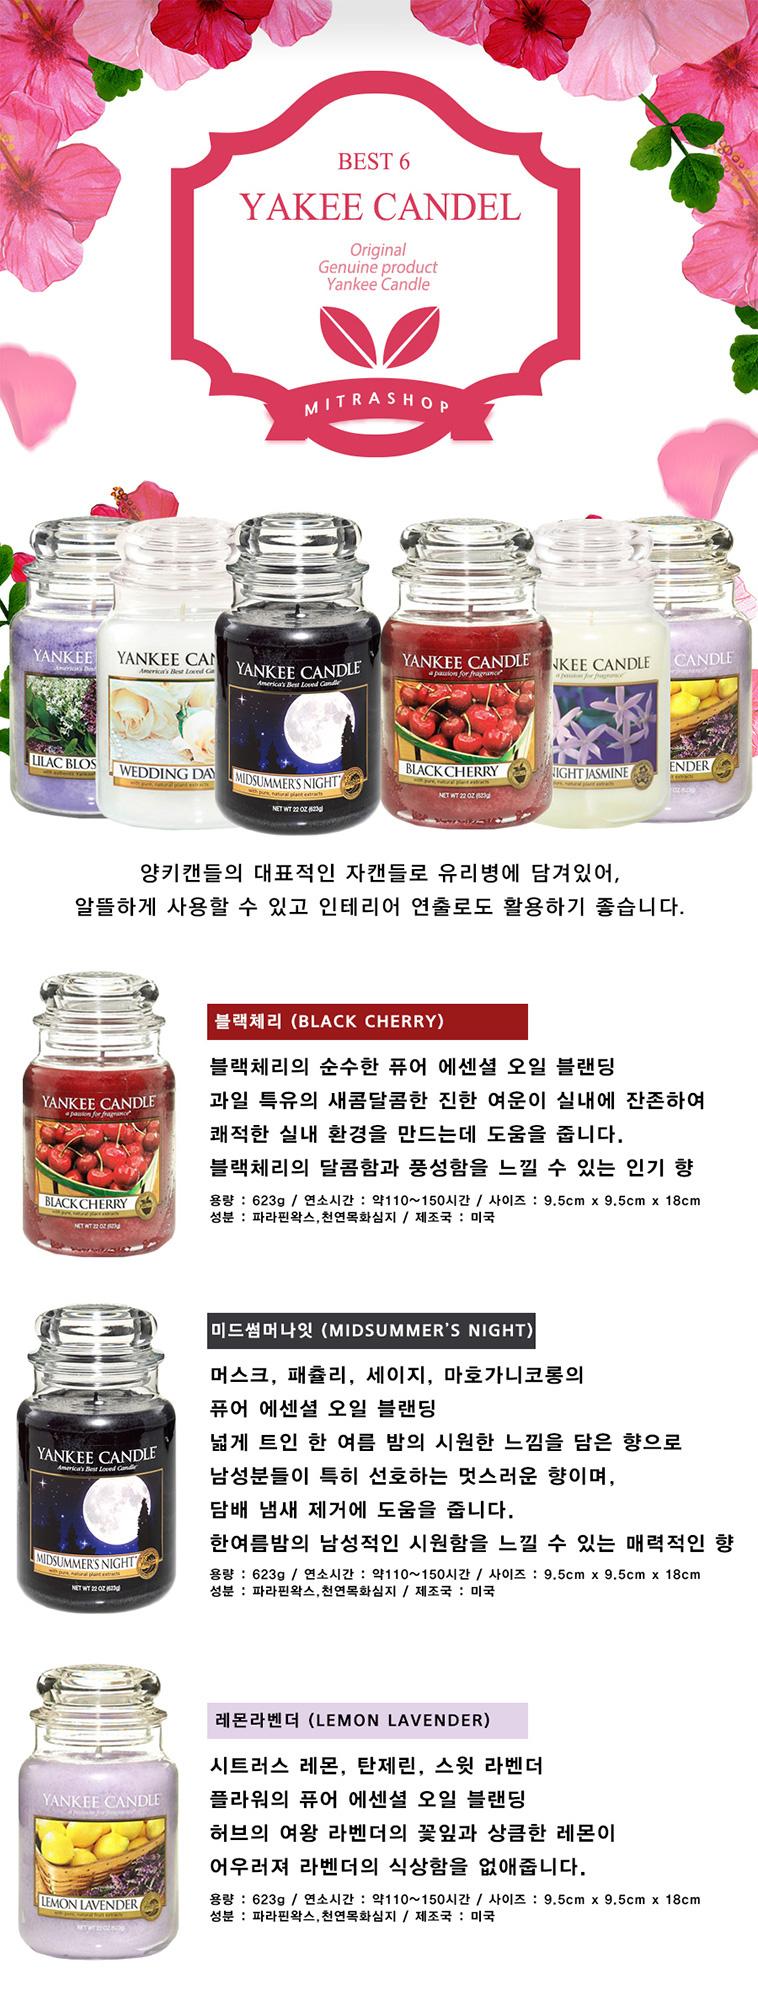 로레인 캔들워머+양키캔들 세트 - 미트라샵, 52,500원, 캔들, 캔들워머/용품